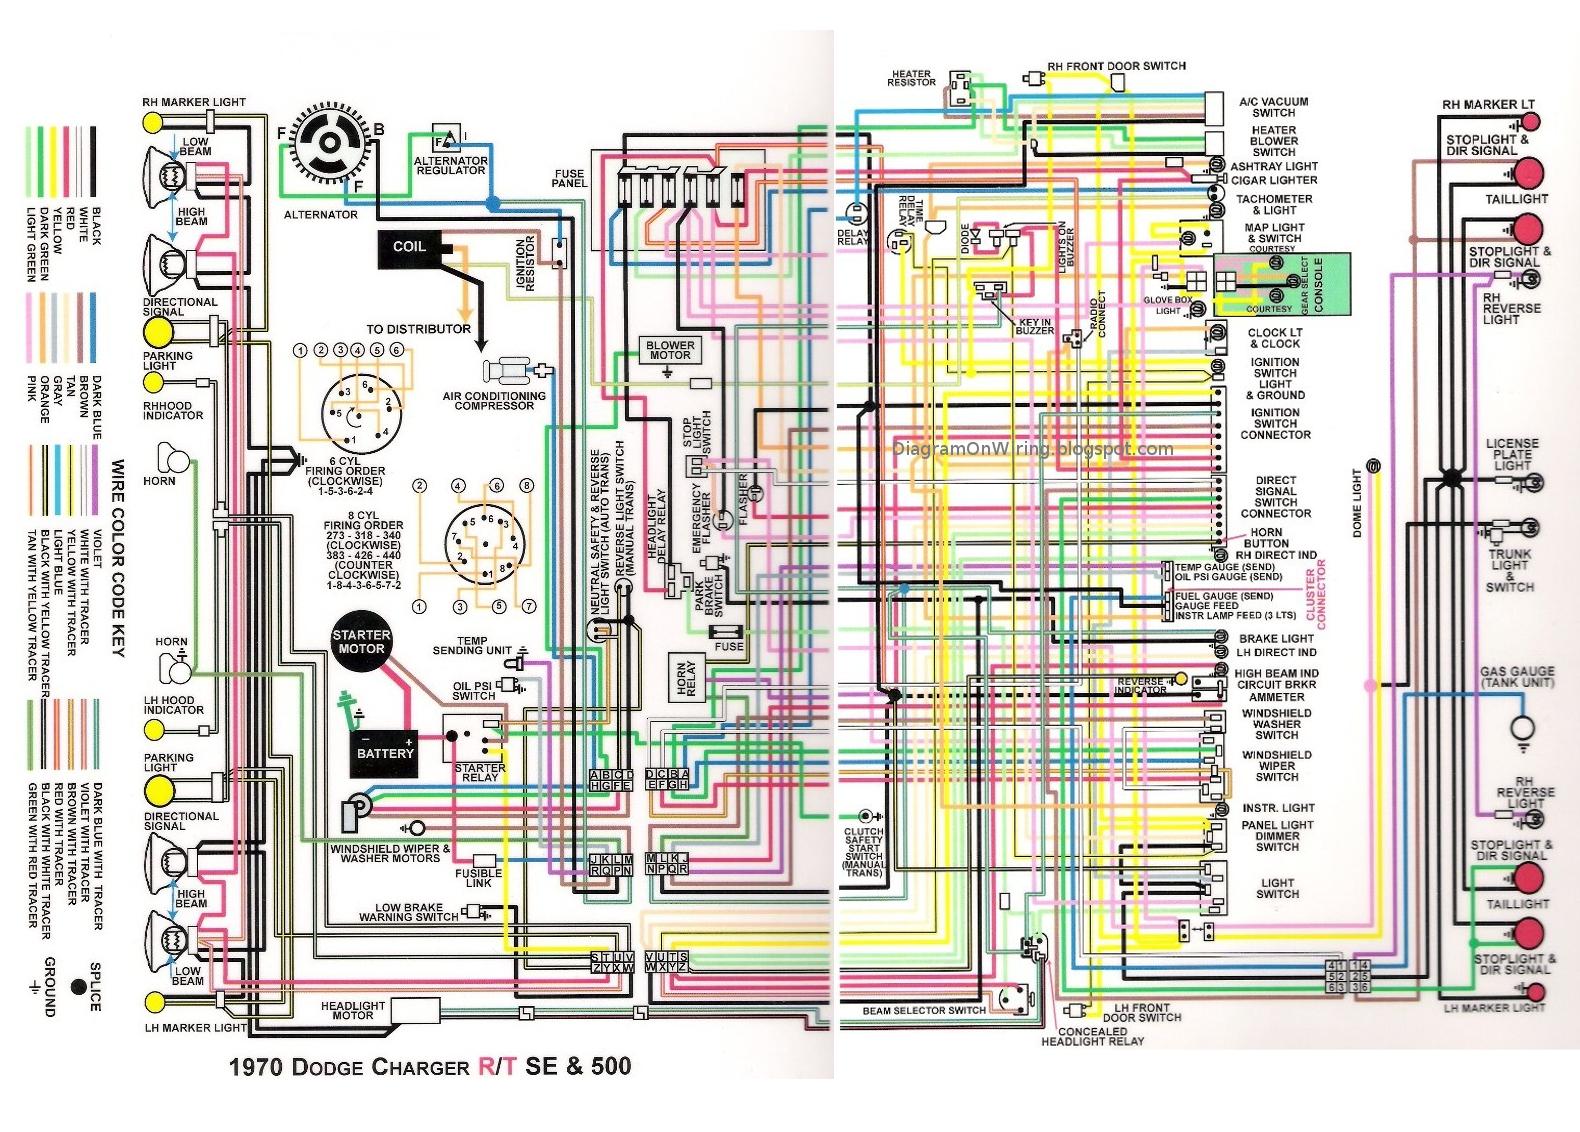 Nova Wiper Motor Wiring Diagram Auto Electrical 67 Chevelle Radio Wire Parts